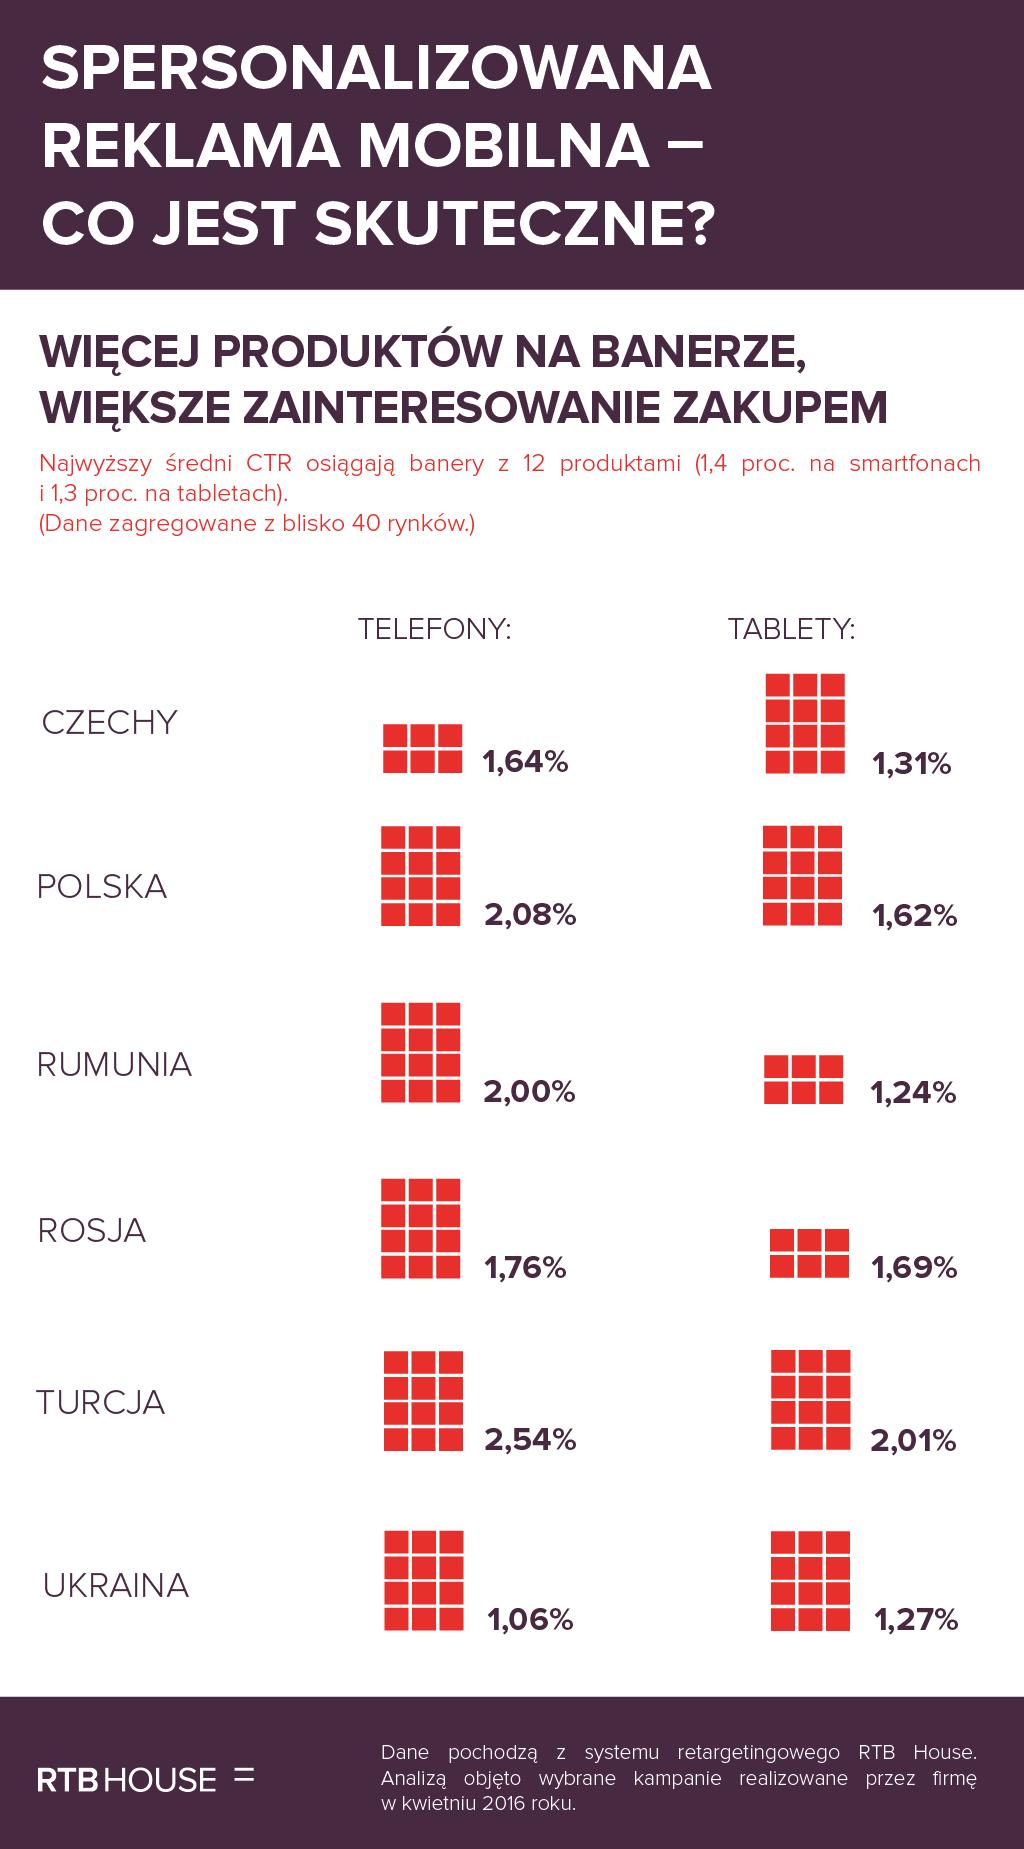 Spersonalizowana_reklama_mobilna_produkty_na_banerach_a_klikalnosc_infografika_RTB_House